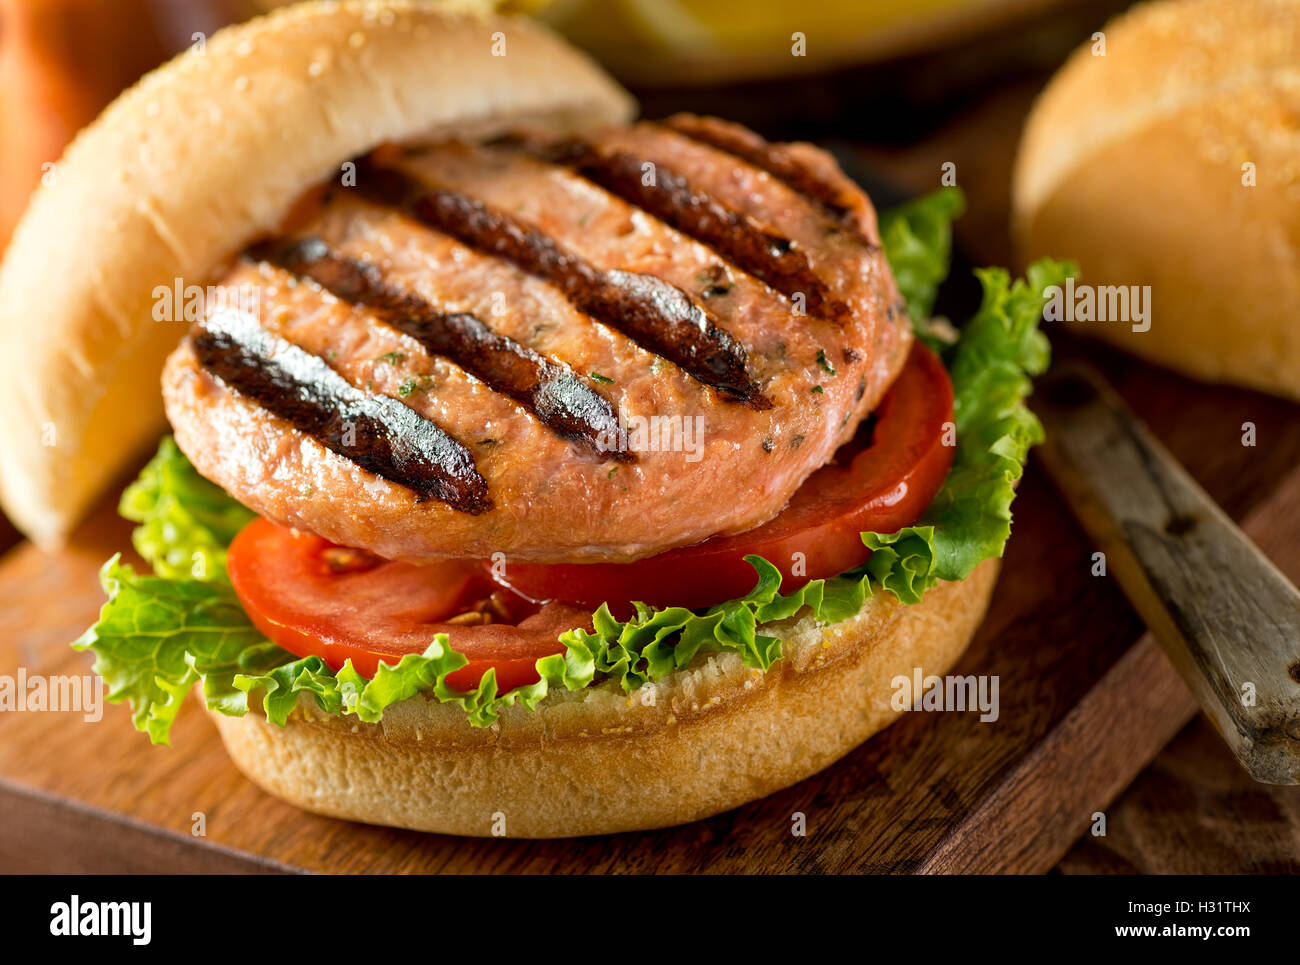 Eine köstliche hausgemachte gegrillten Lachs Burger mit Tomaten und Salat auf einem Brötchen. Stockbild